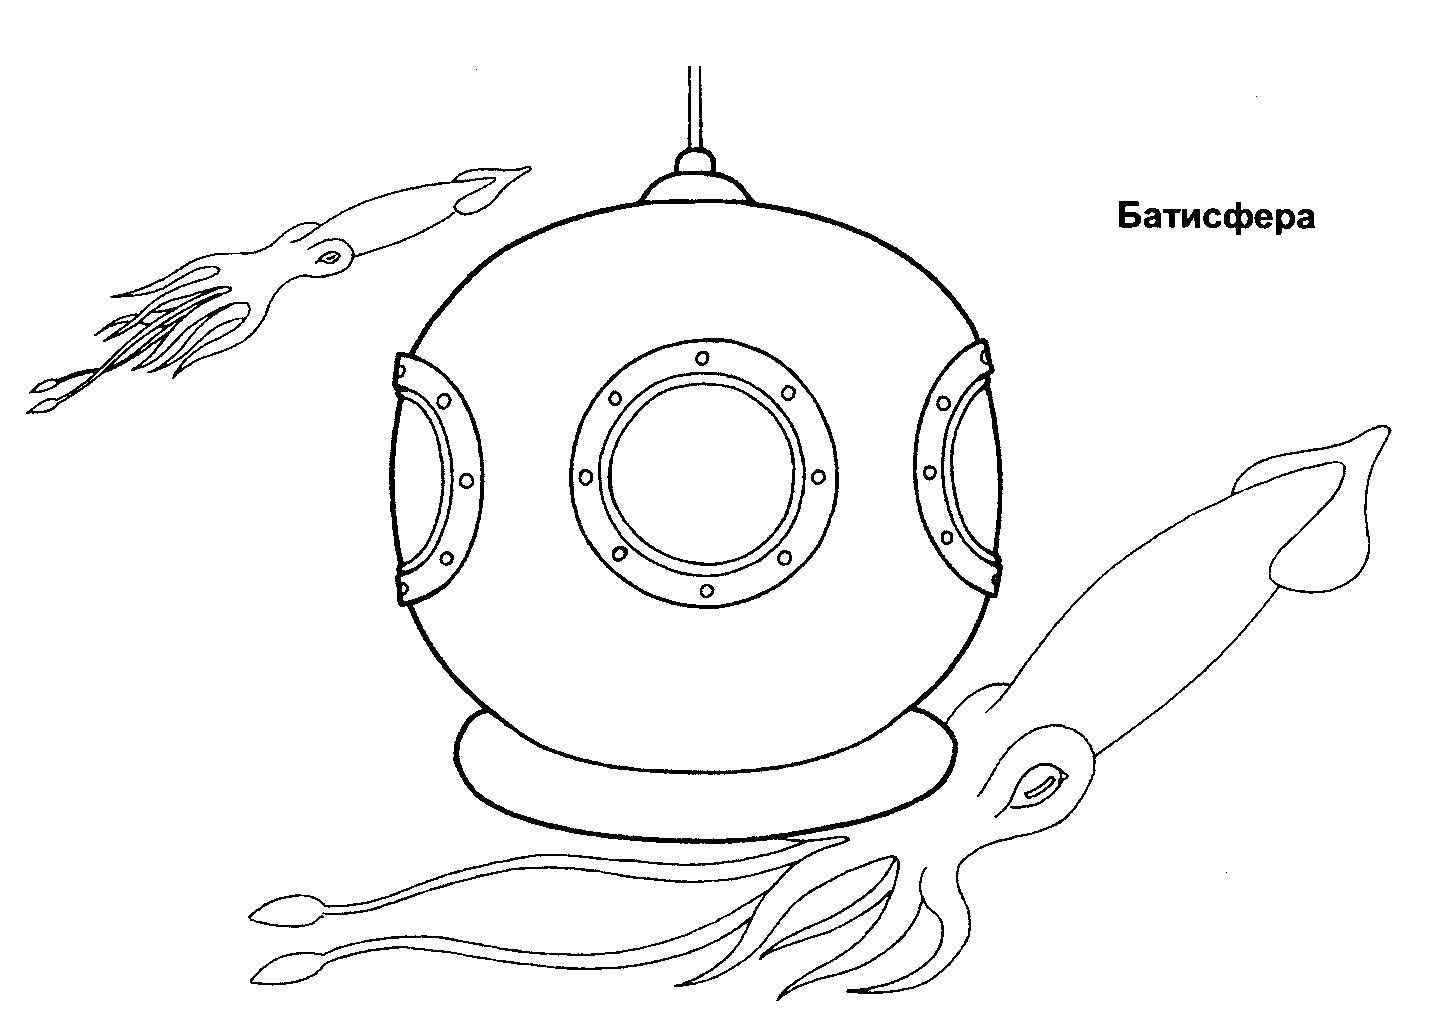 Корабль Раскраски корабли, подводные лодки, биосфера Раскраски распечатать